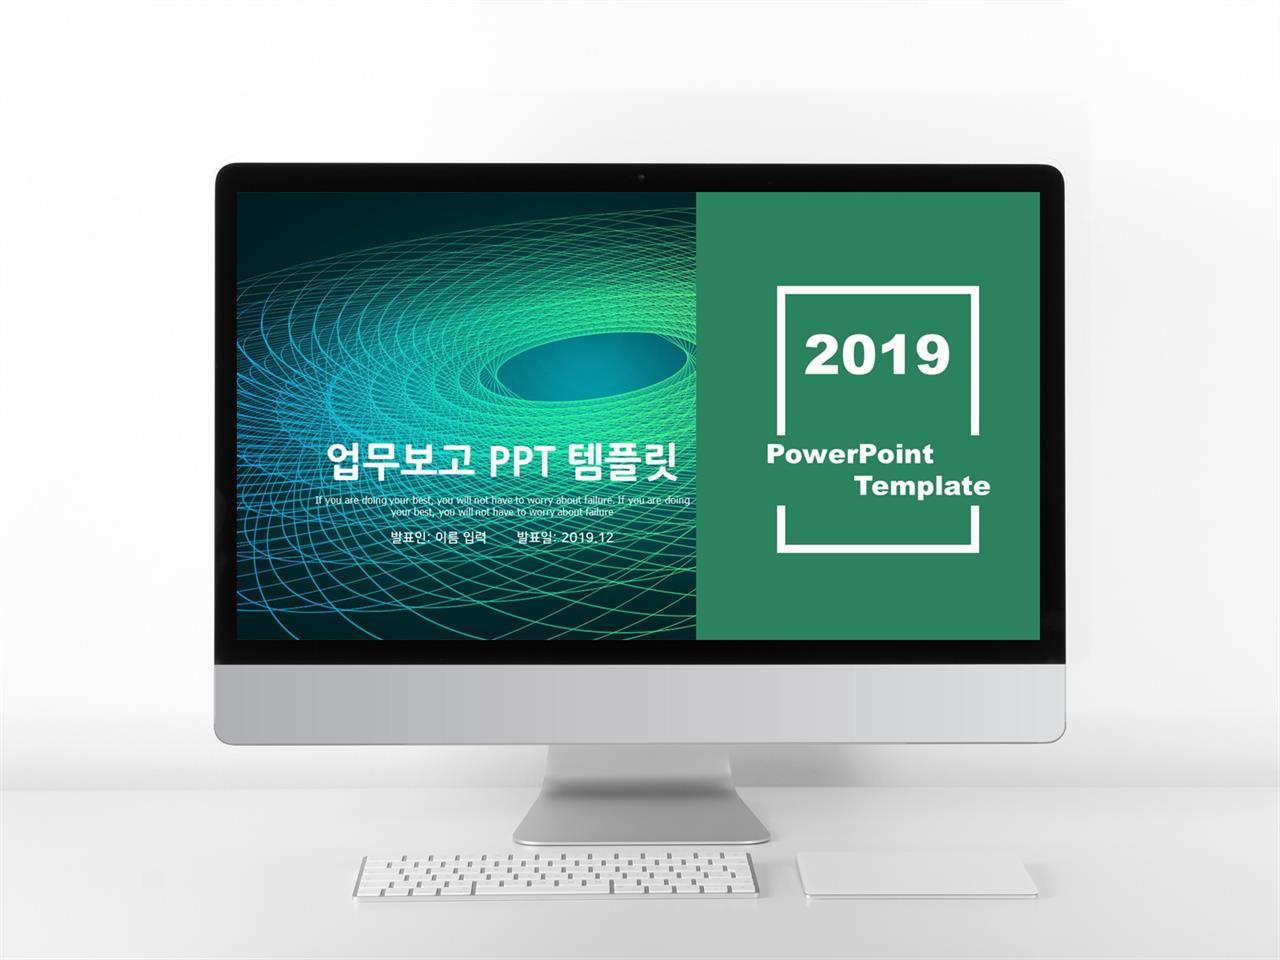 업무보고 초록색 세련된 다양한 주제에 어울리는 PPT서식 디자인 미리보기